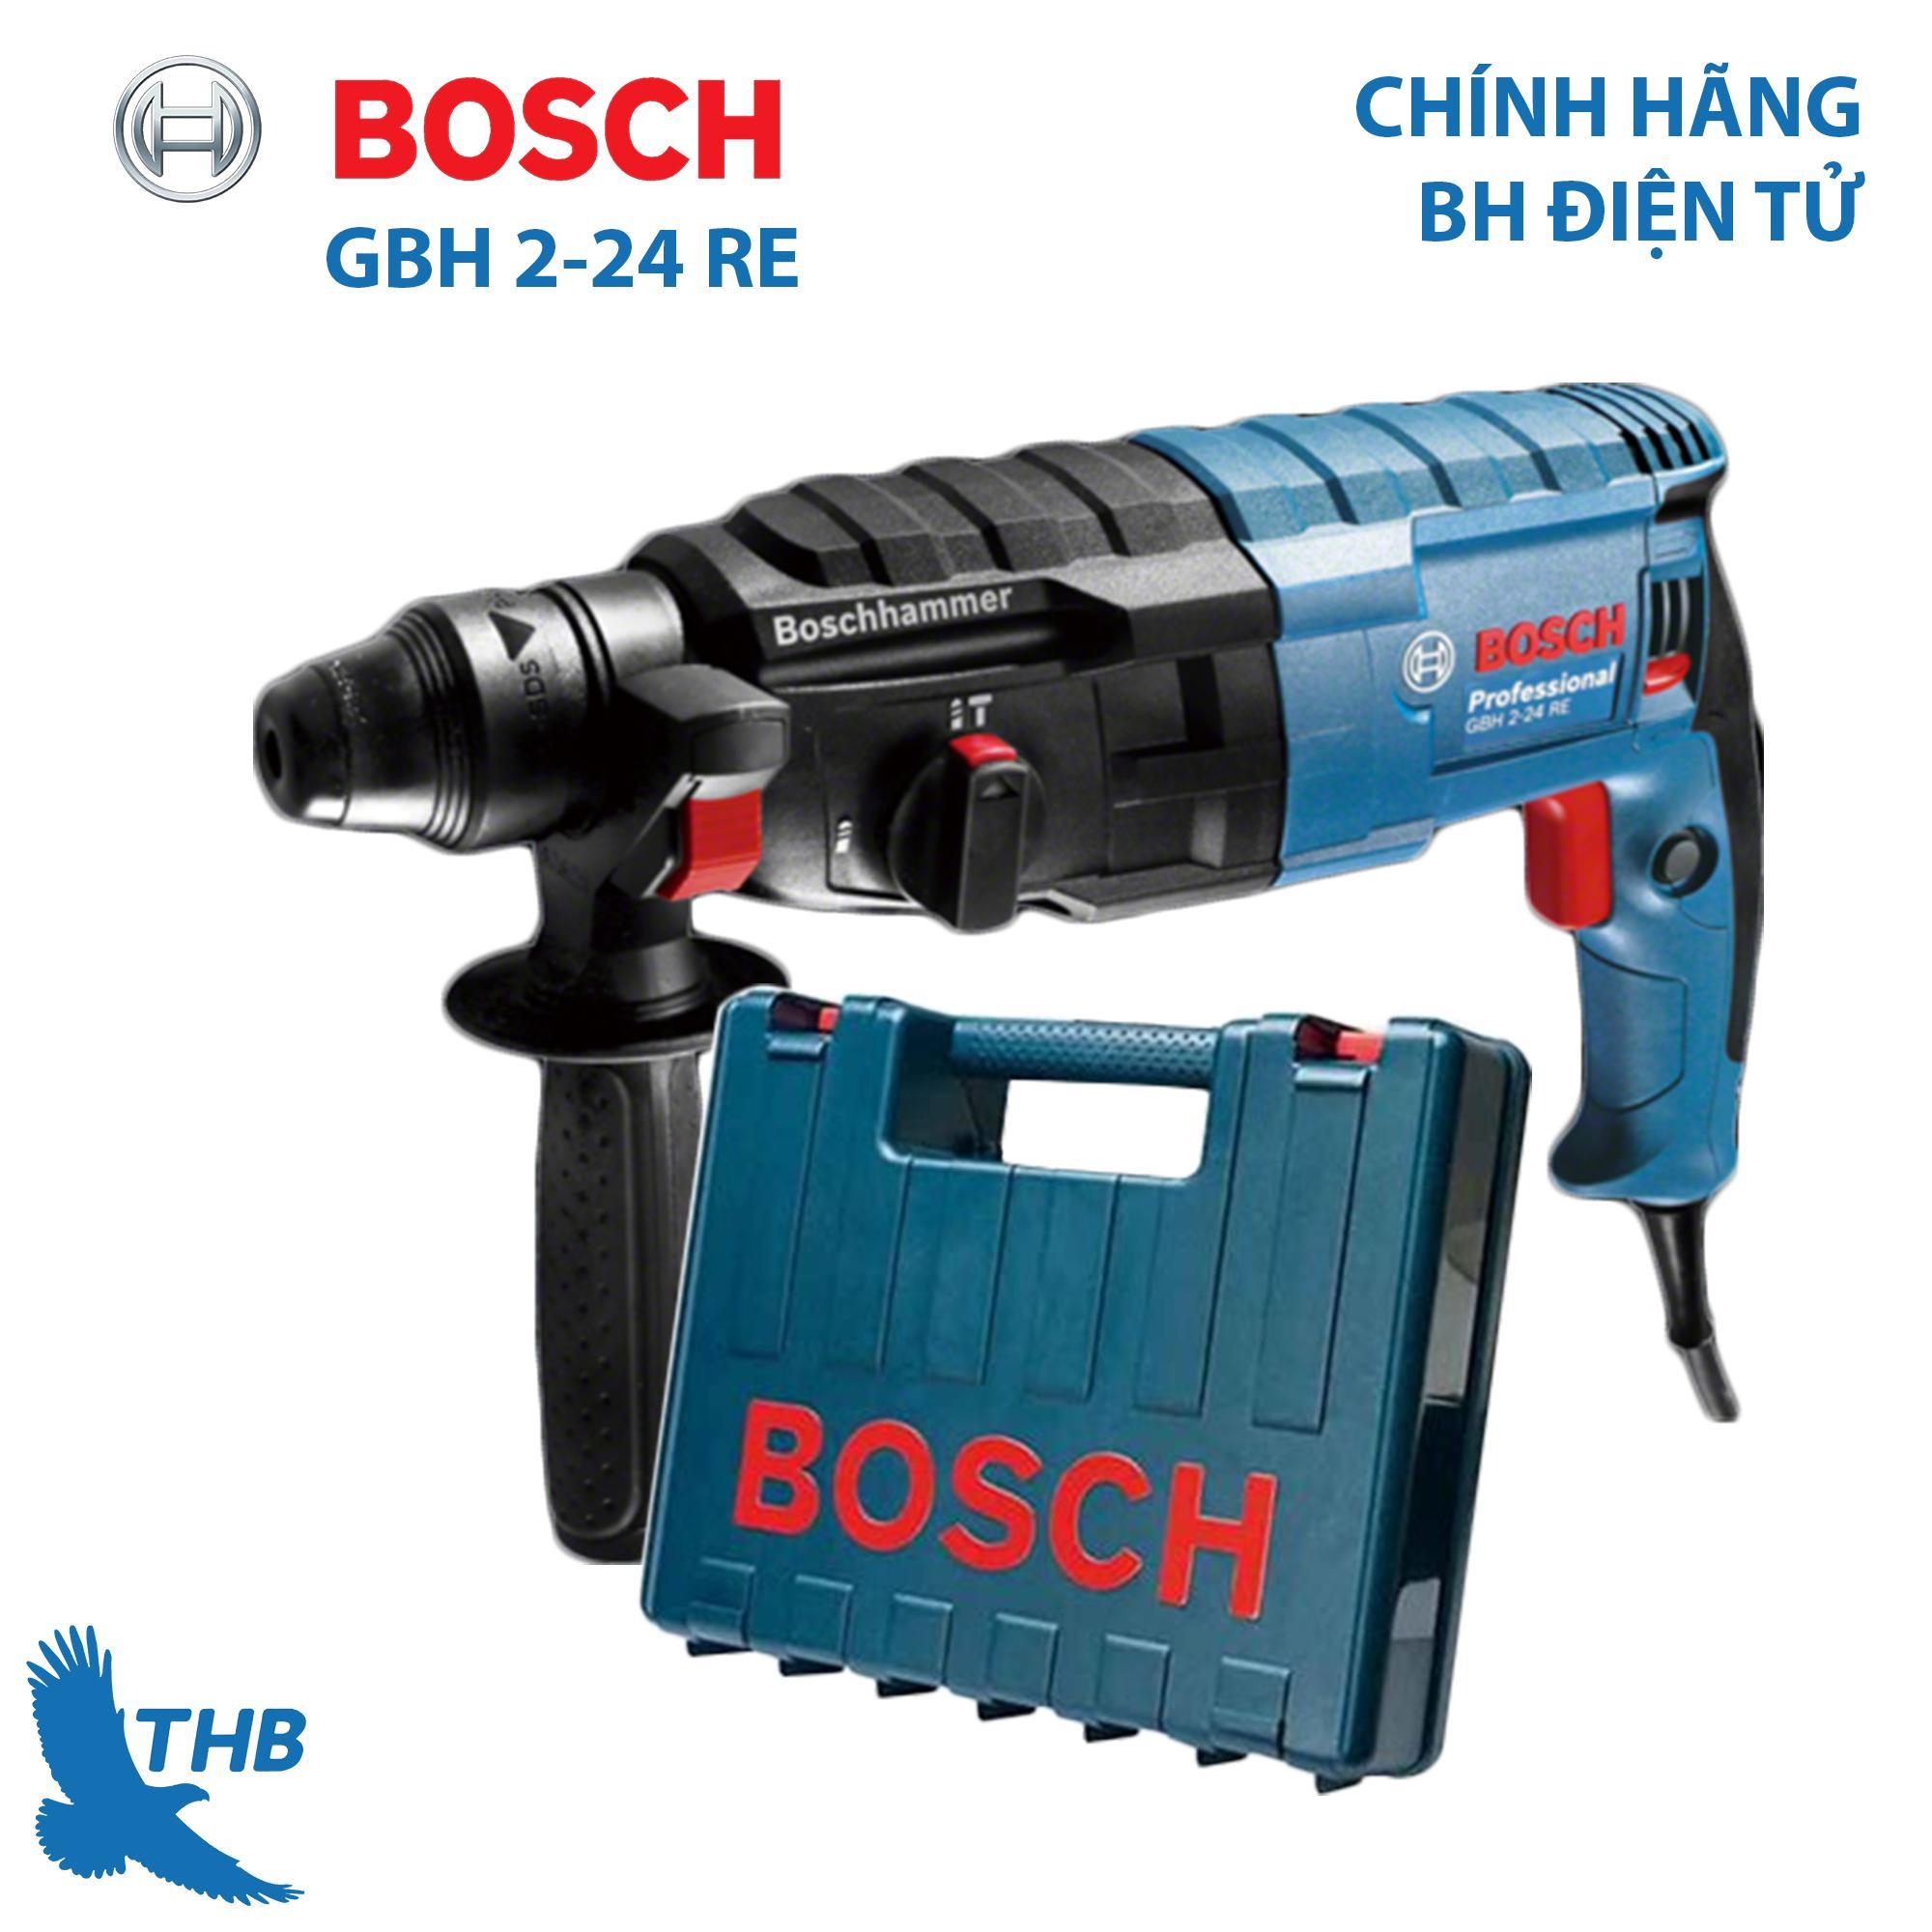 Máy khoan búa Máy khoan bê tông Máy khoan chính hãng Bosch GBH 2-24 RE bảo hành 12T (công suất 790W khoan kim loại 13mm) dùng mũi SDS Plus